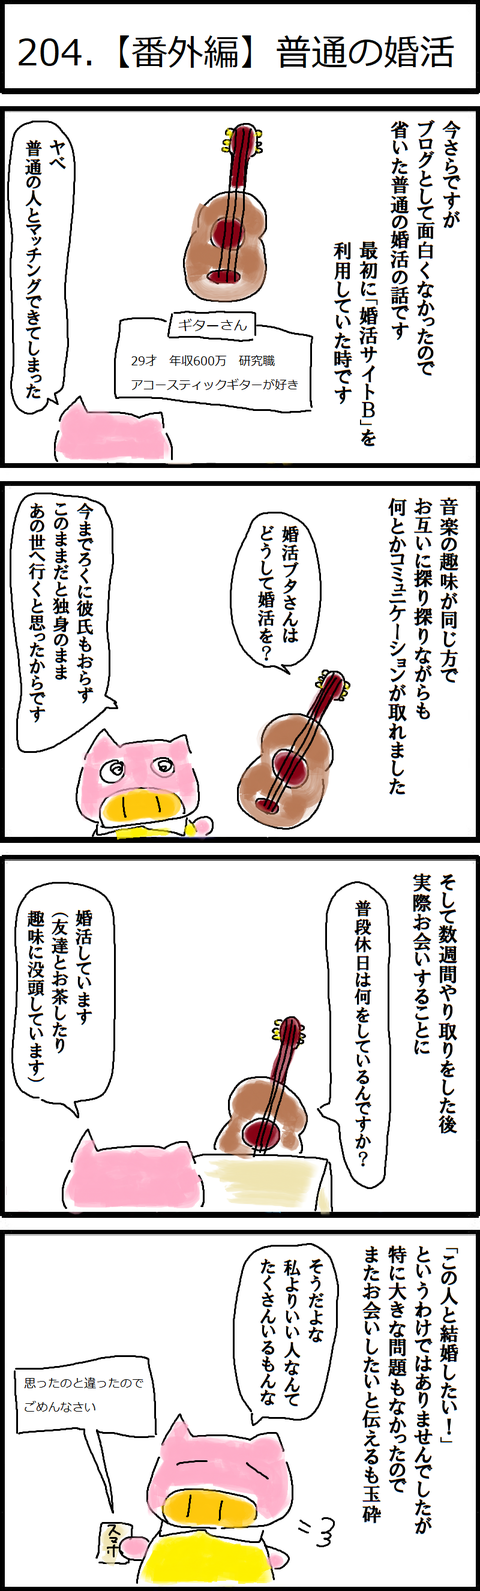 204.【番外編】普通の婚活